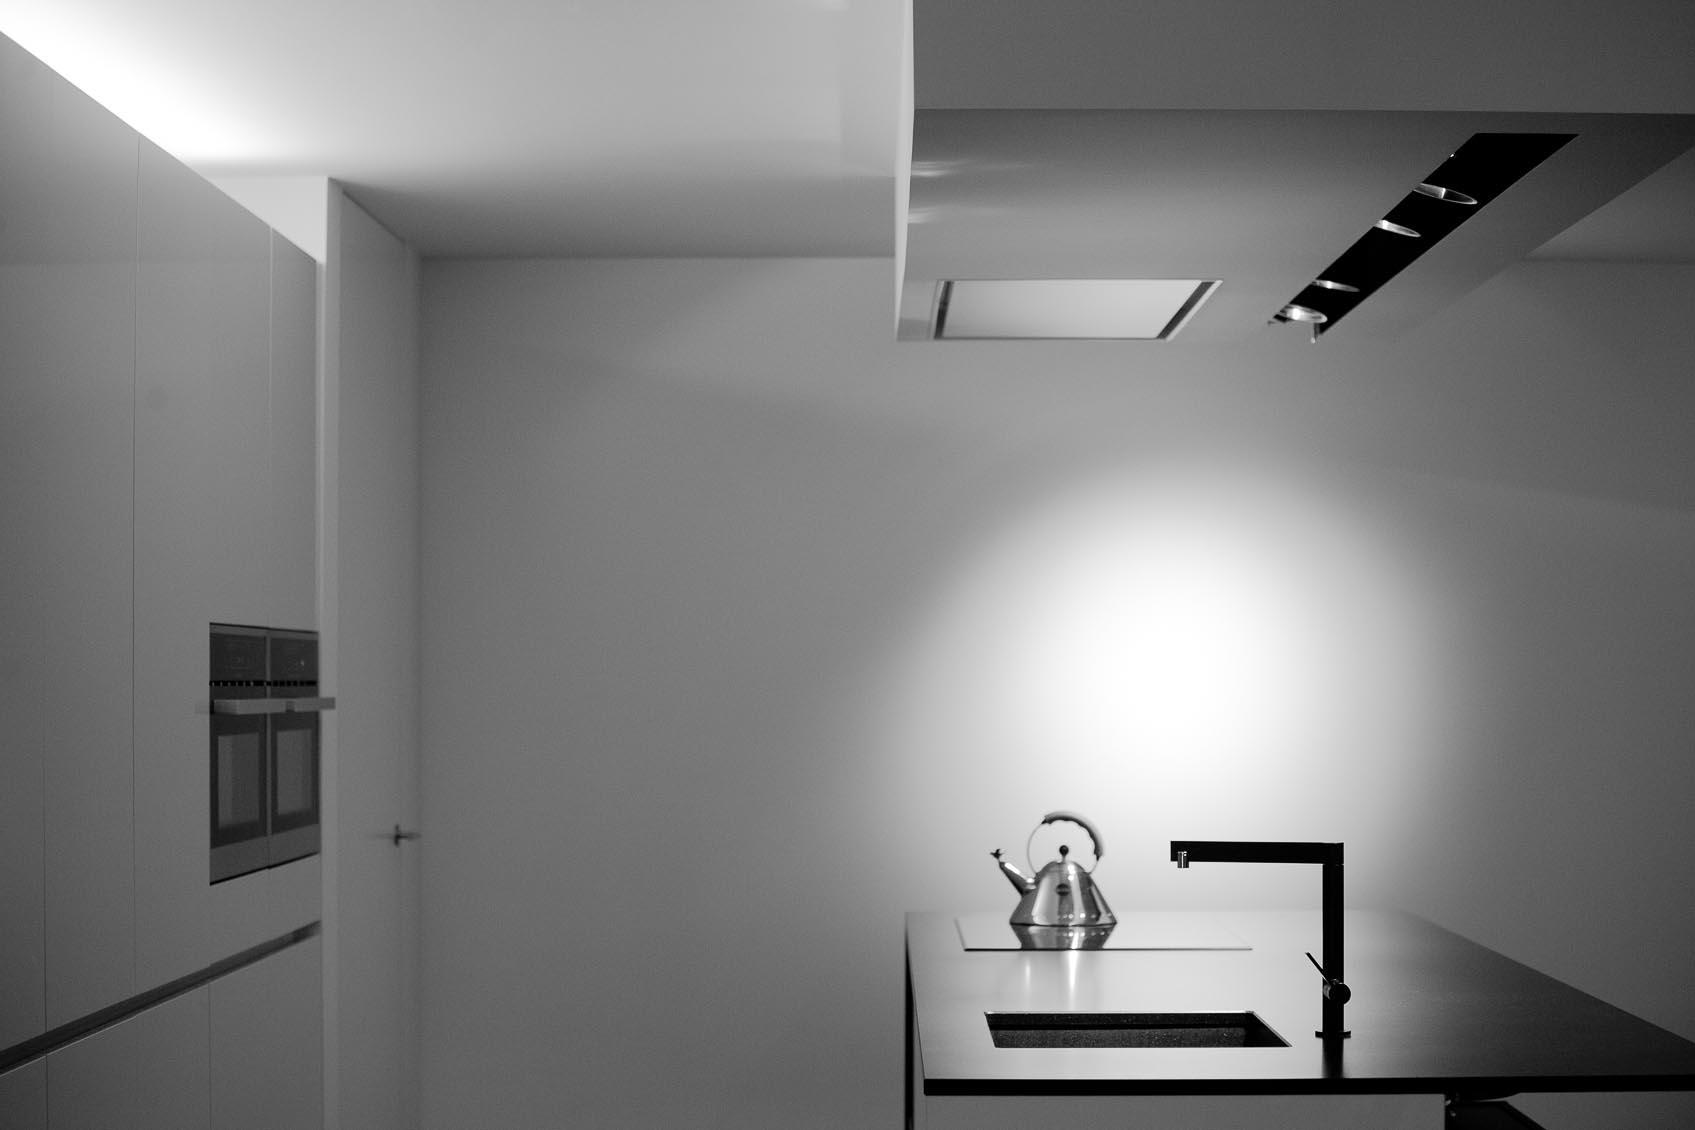 de keuken krijgt een architecturale lichtsleuf 094 van viabizzuno met verdoken richtbare spots als ideale werkverlichting